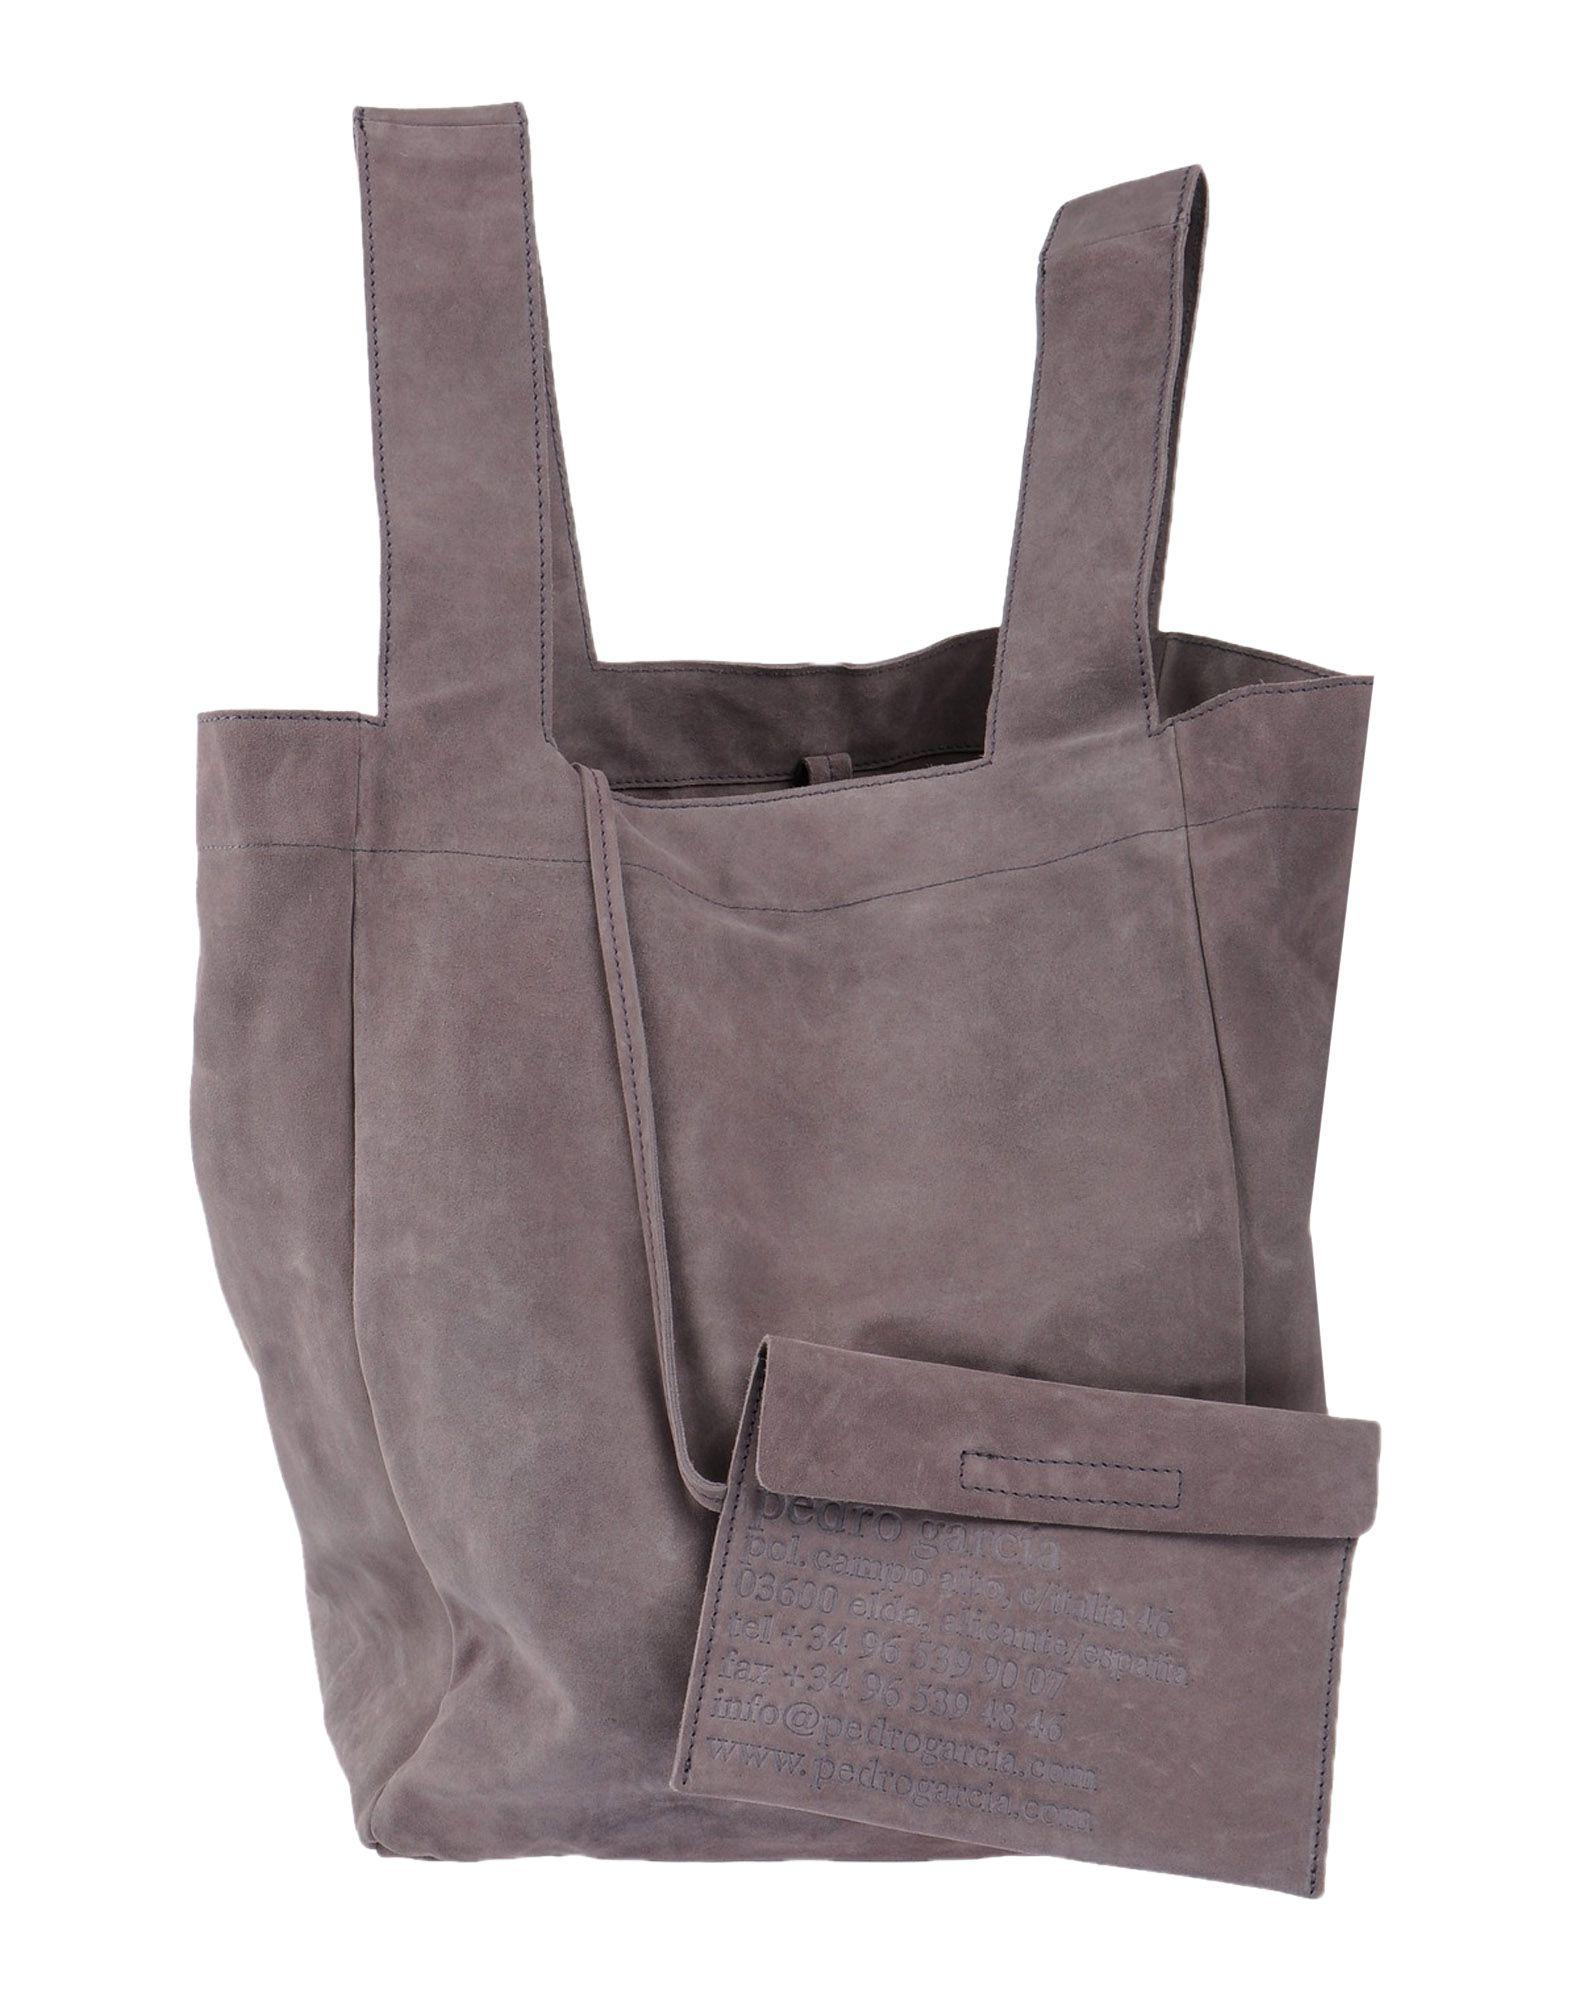 Elegant Women Bags Pedro Garcia Duffels Totes Pedro Garcia Perforated Tote